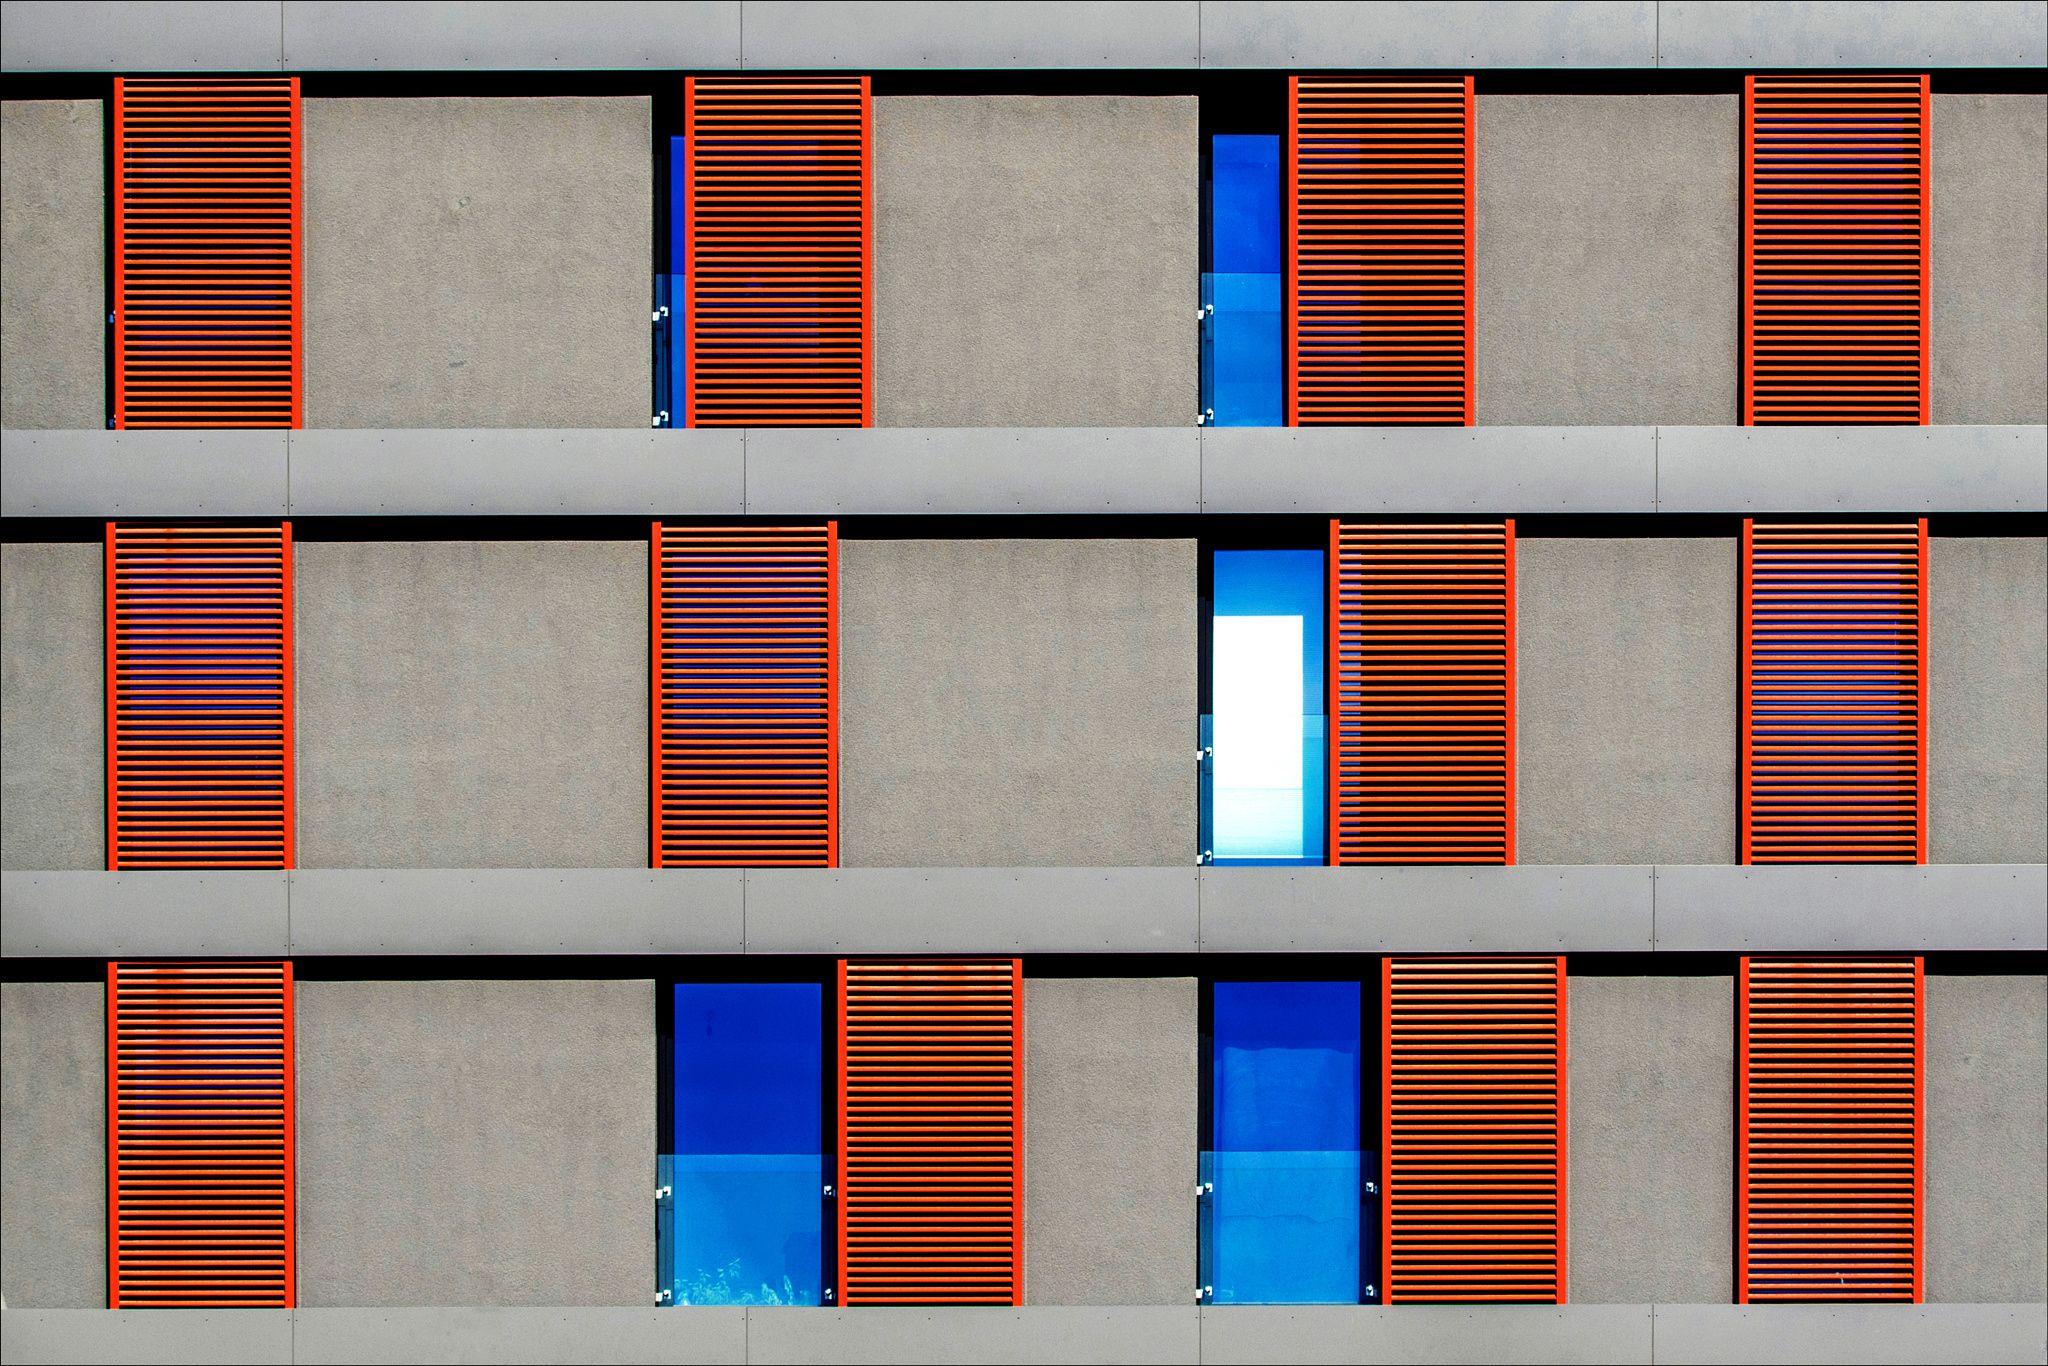 Фотография 6 - 6 автор Norman Veneer на 500px